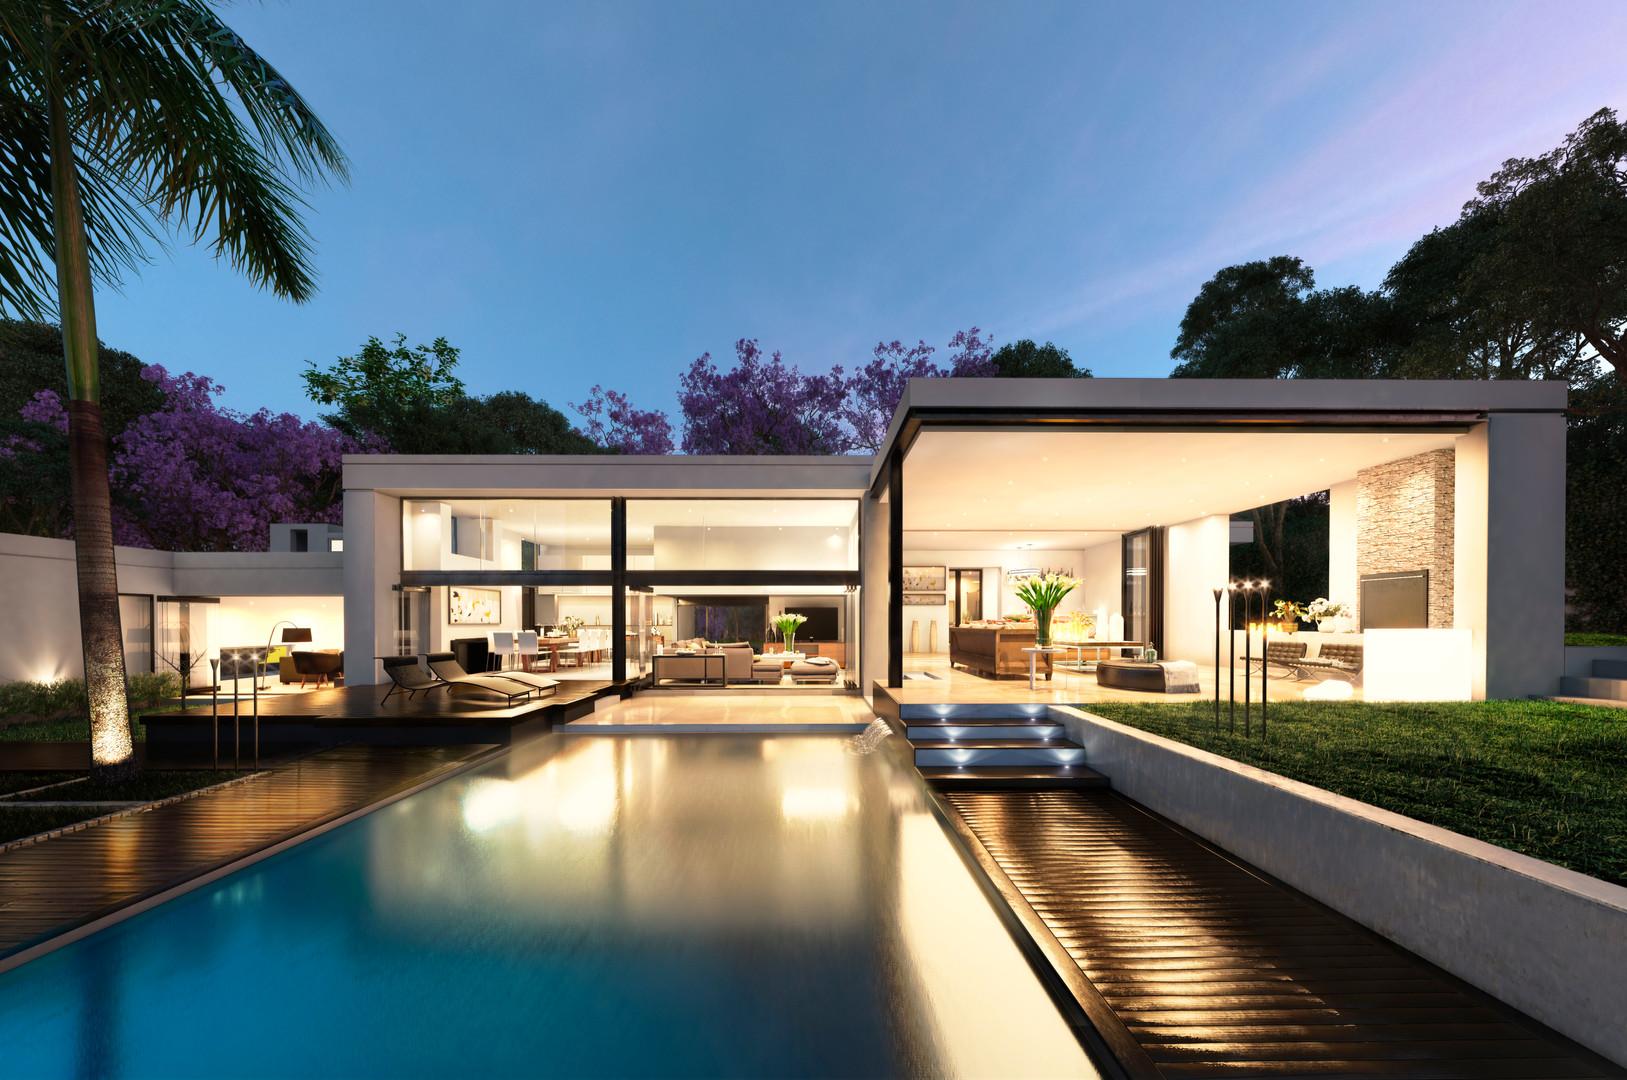 House Mosi by Nico van der Meulen Archit